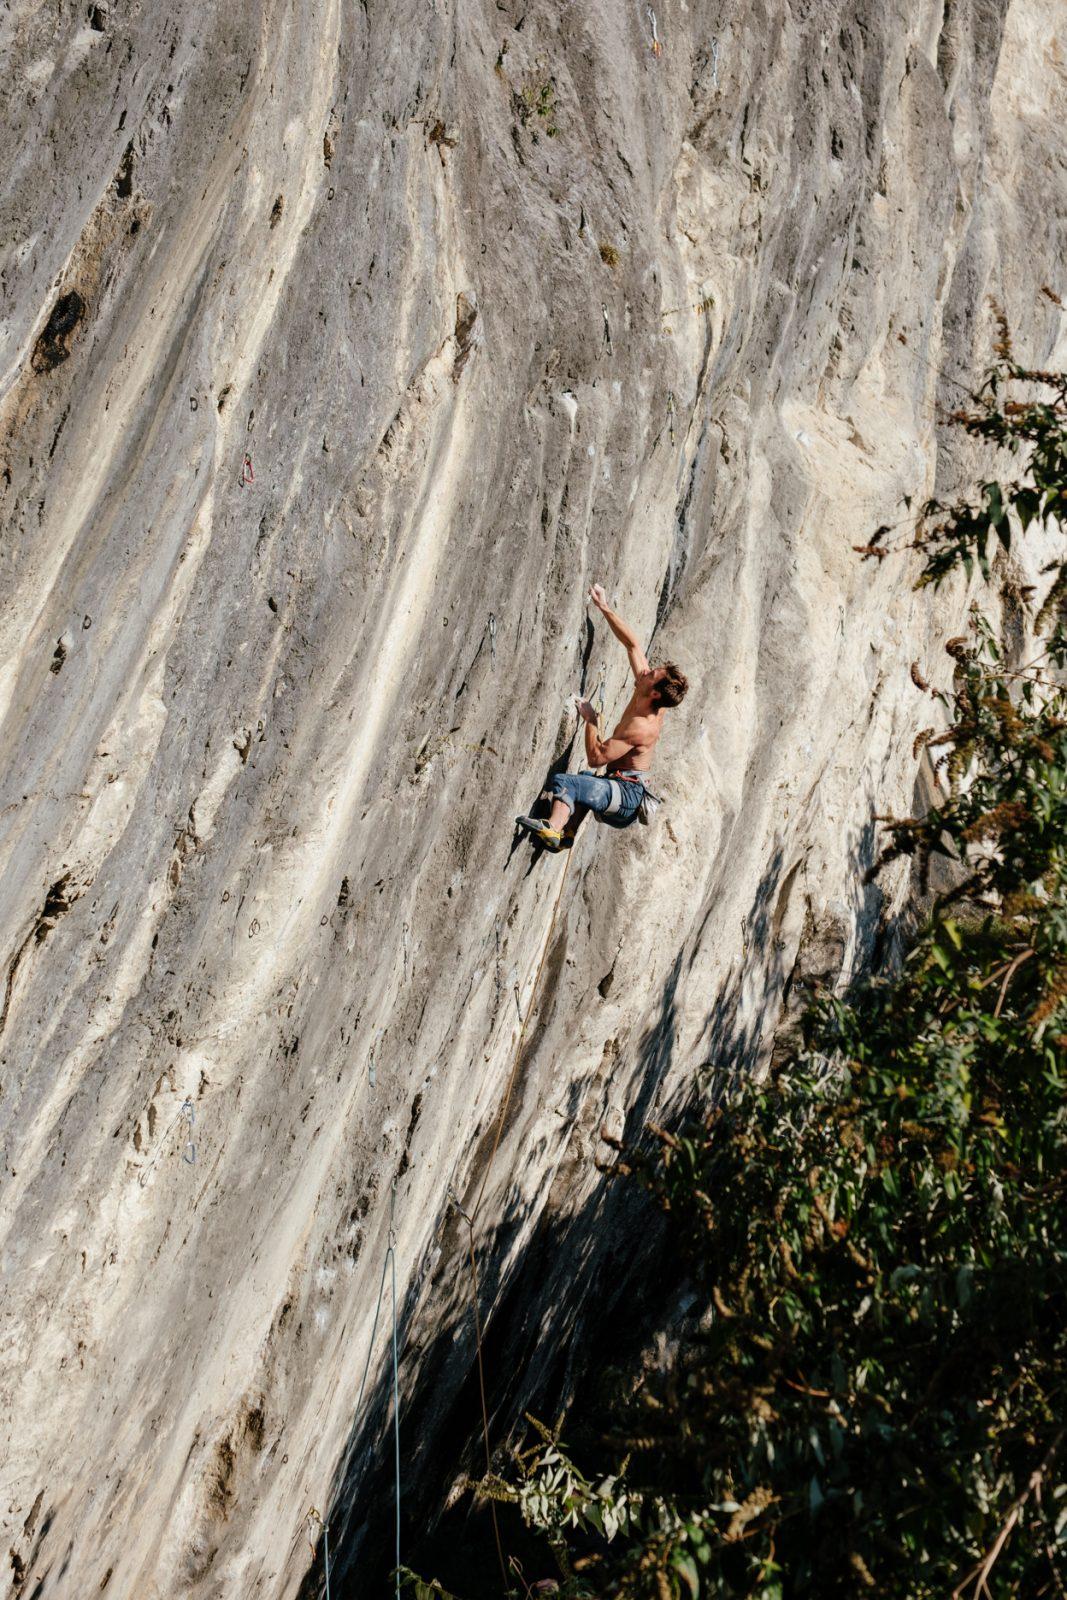 Corona Ansteckung am Fels - Klettern Dschungelbuch, Martinswand, Foto: Simon Schöpf | Climbers Paradise